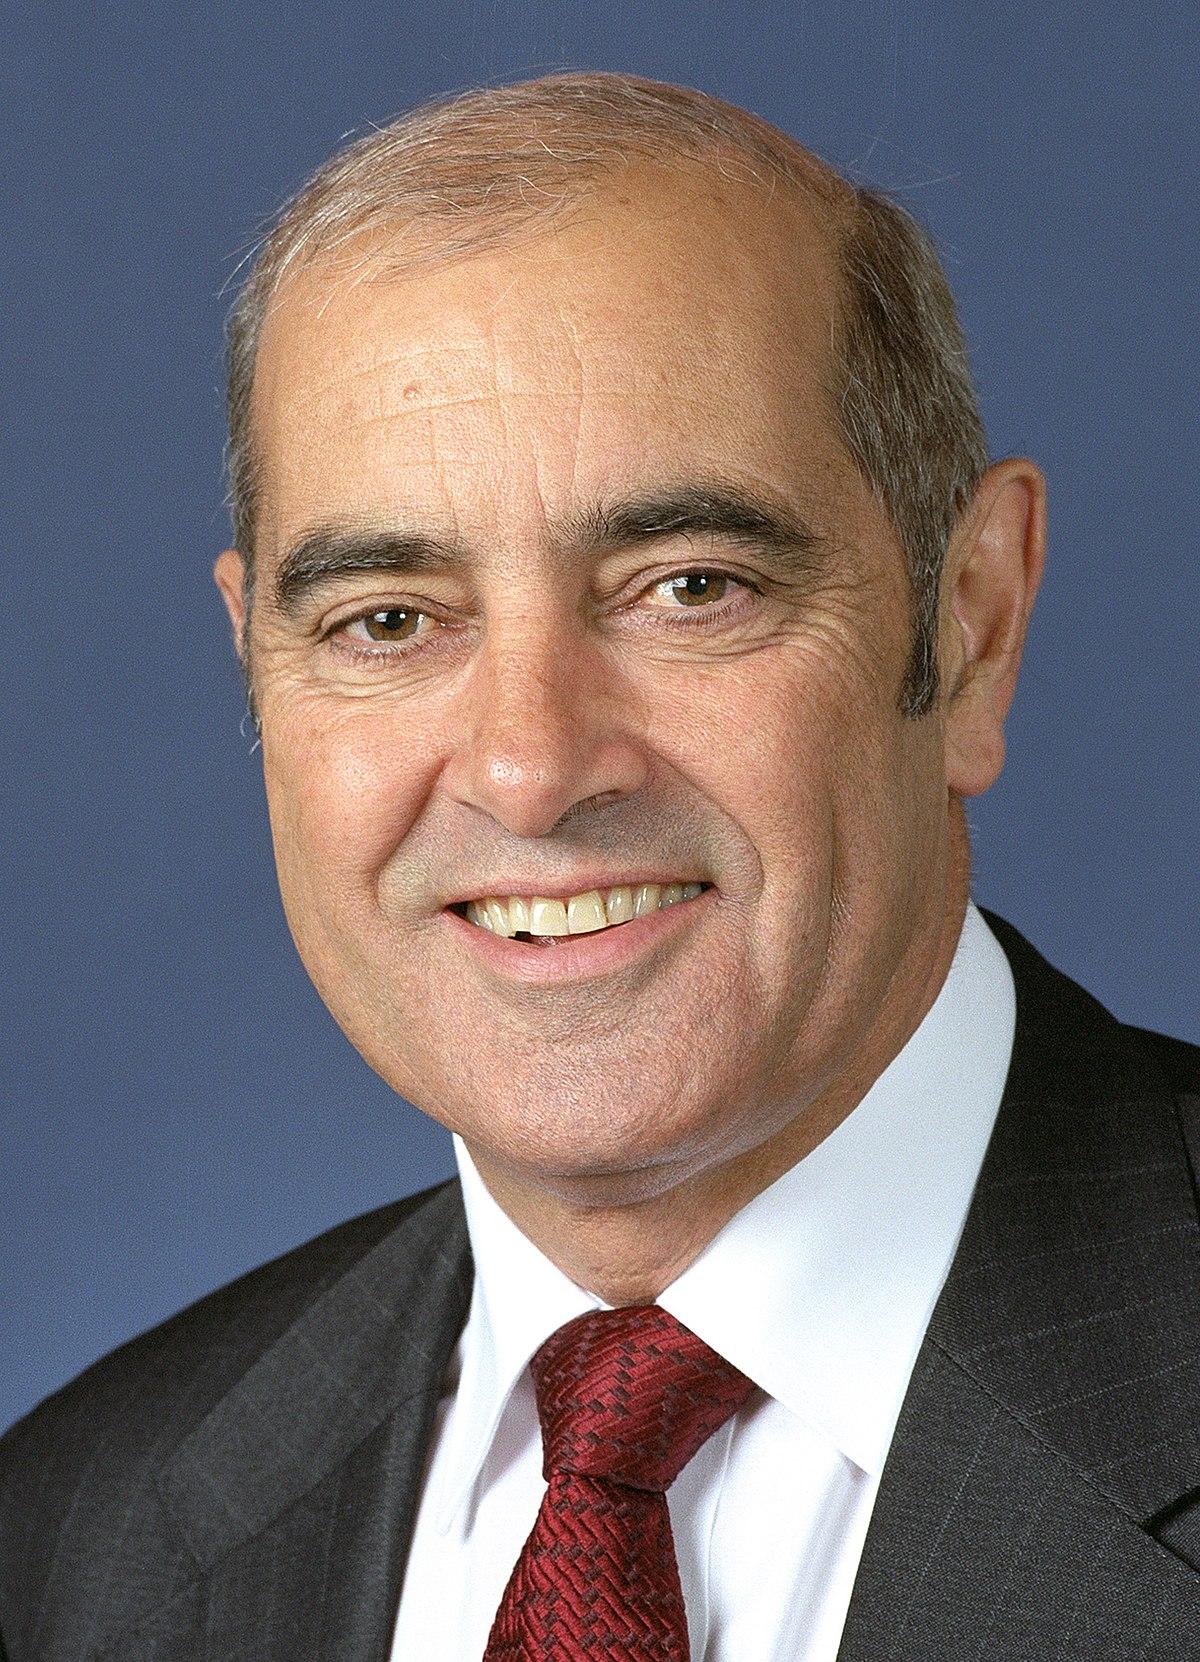 John Olsen - Wikipedia